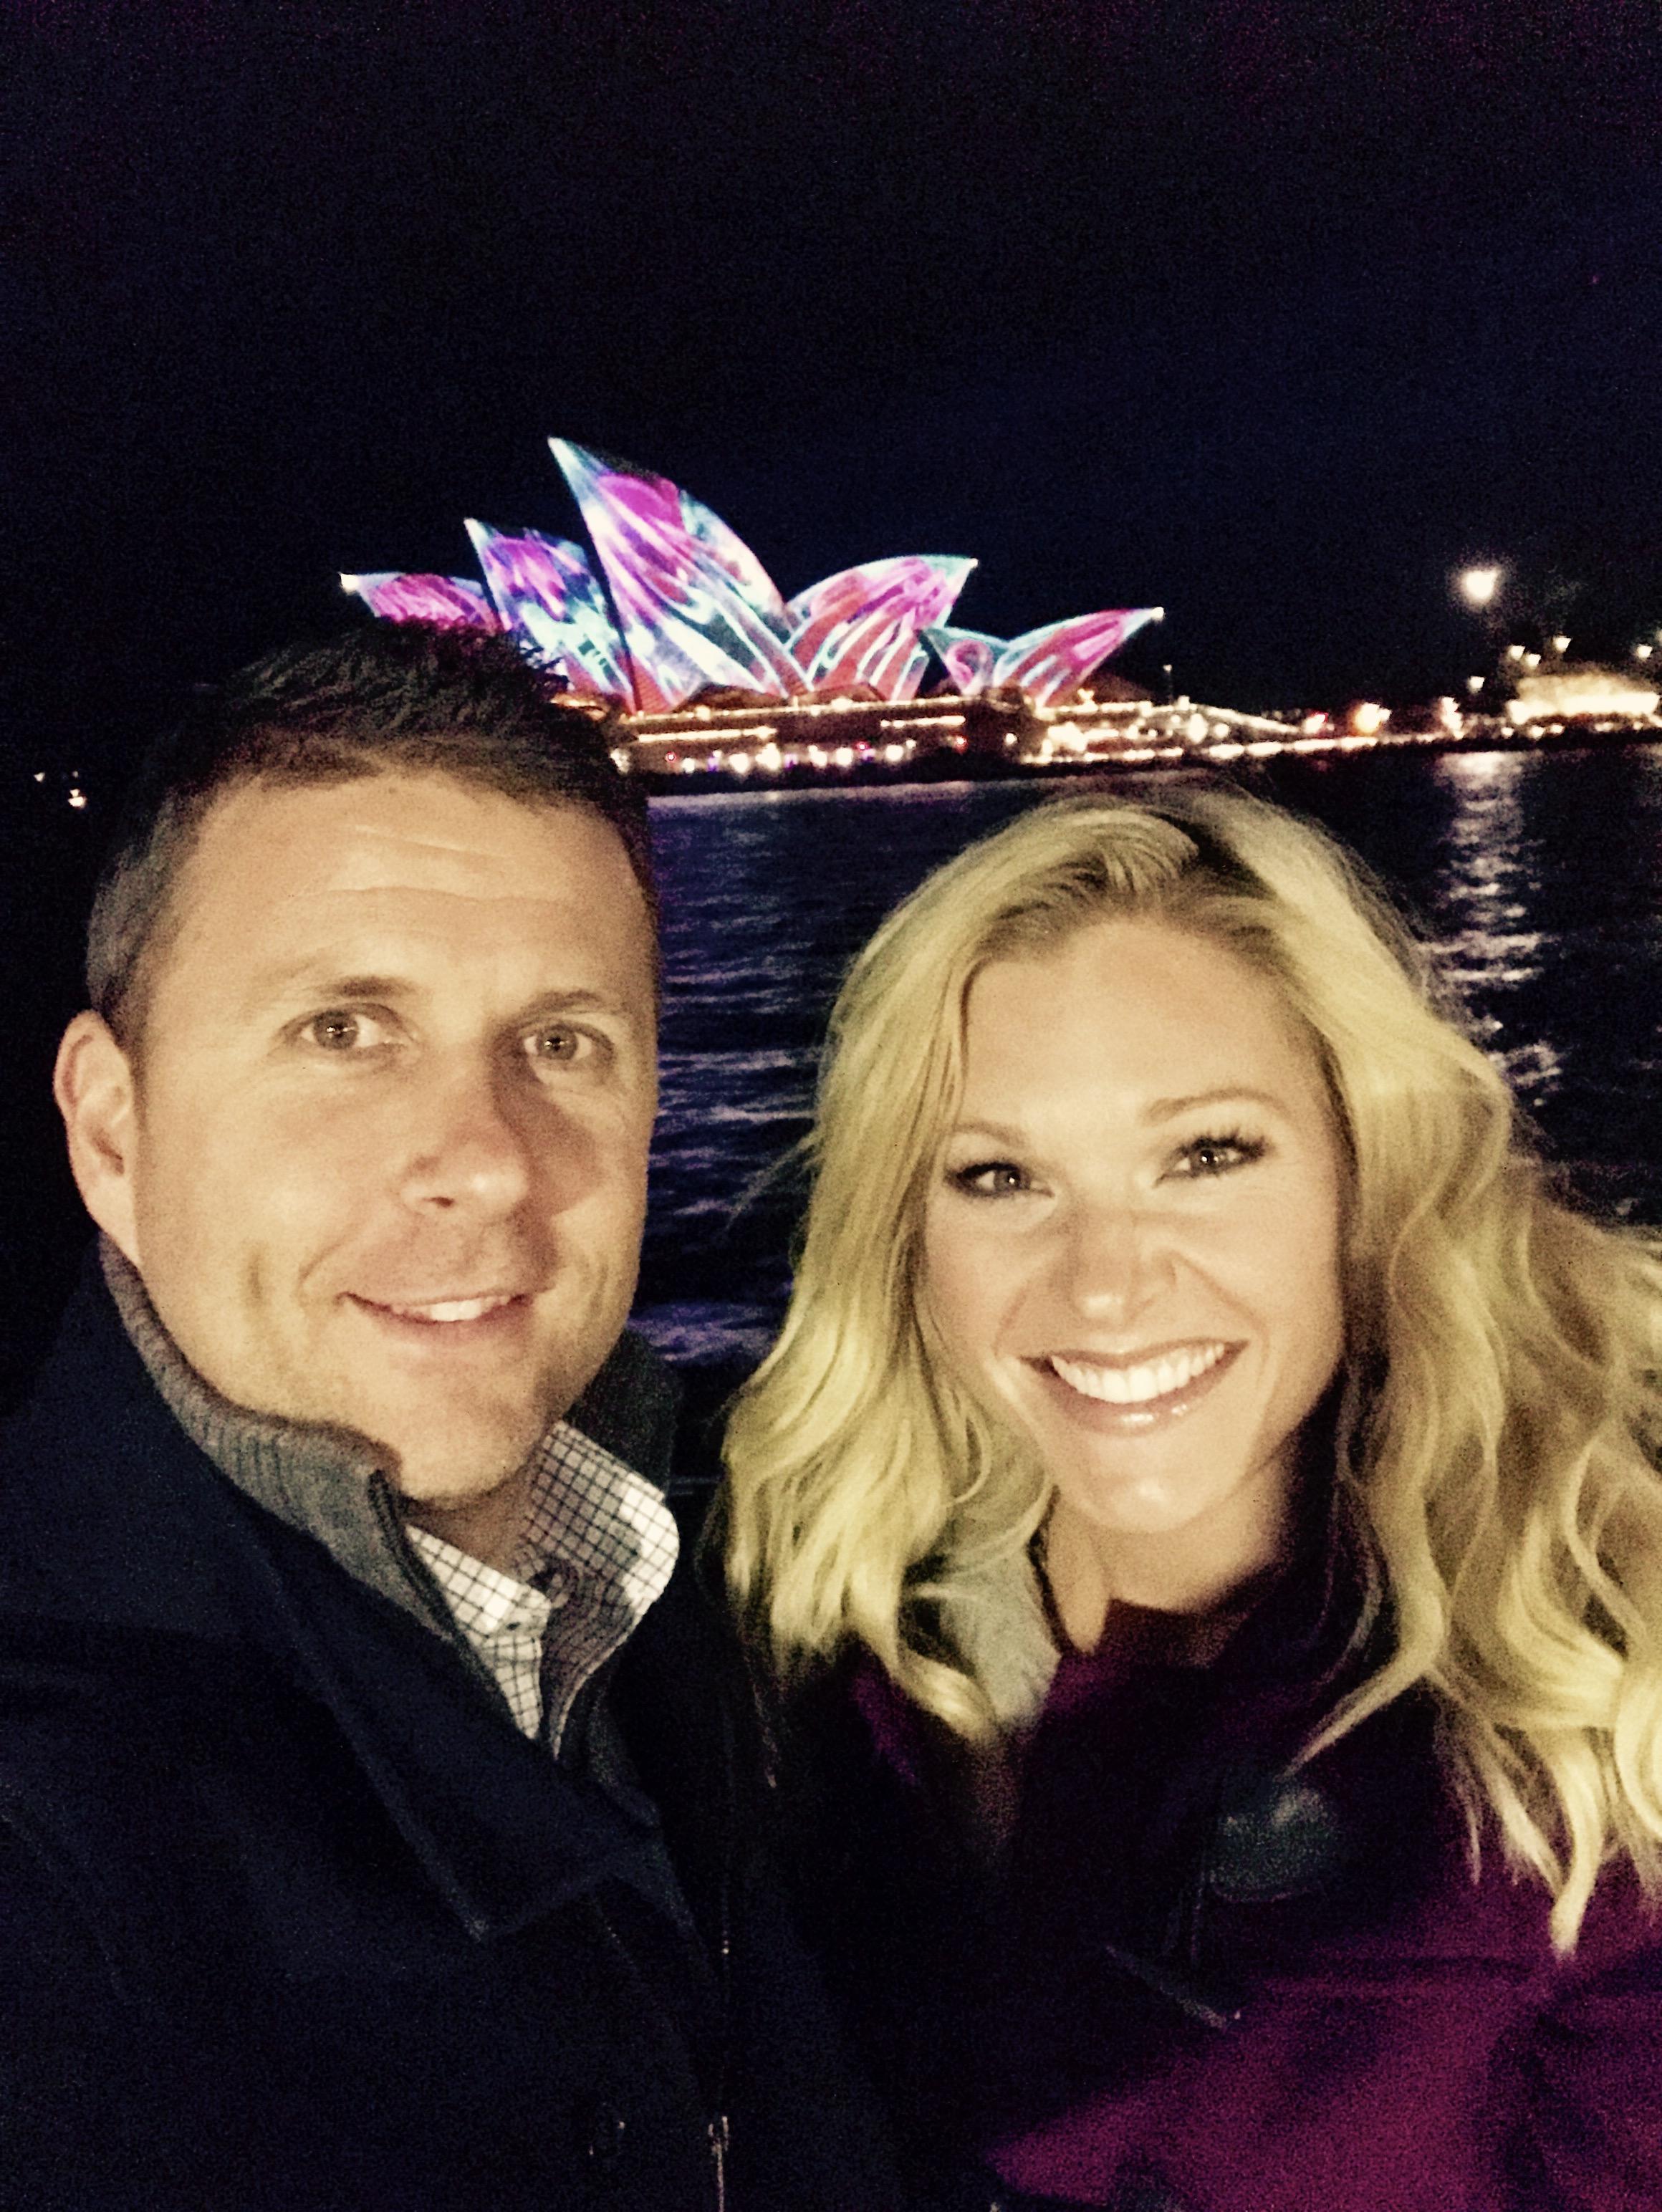 Anna Kooiman and Tim Vivid Sydney (Australia)